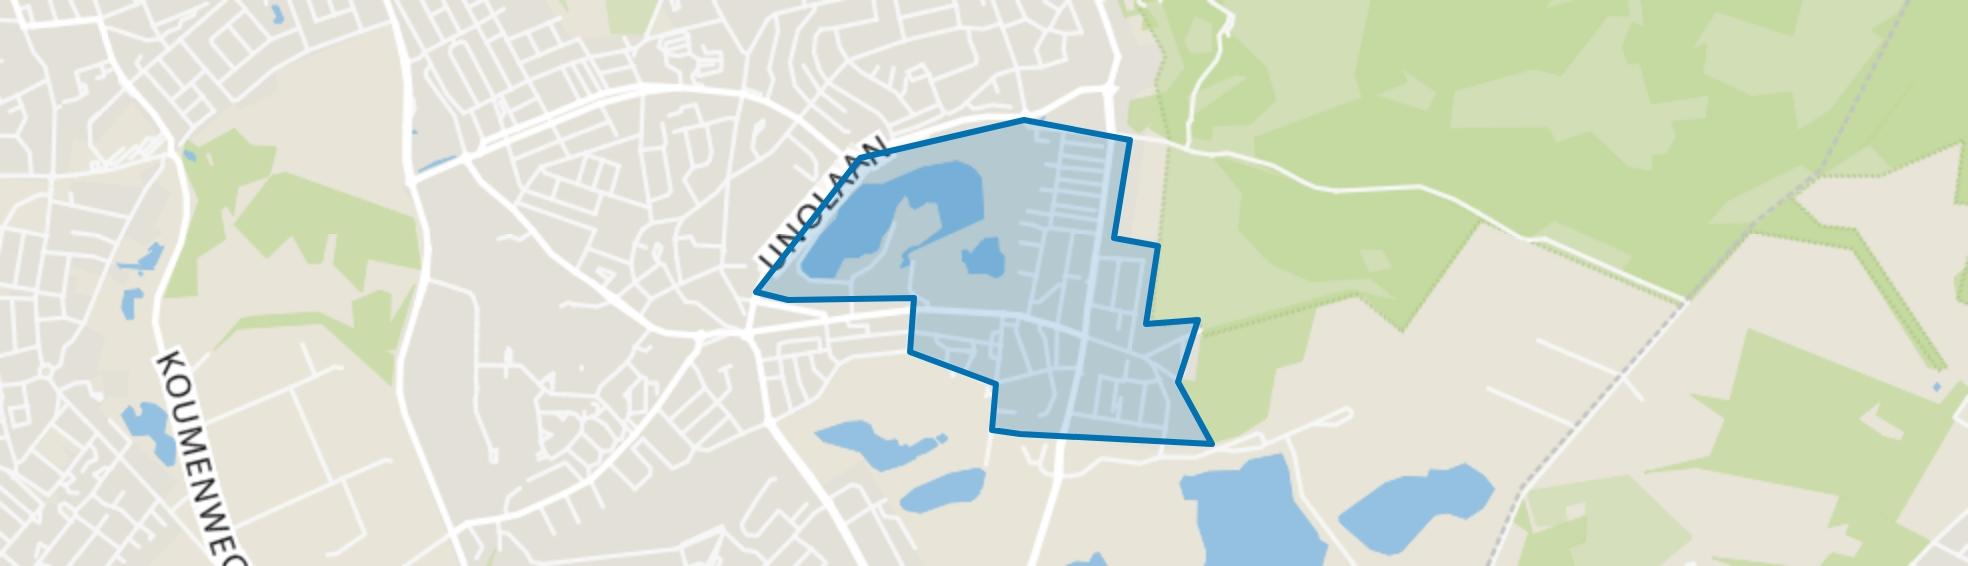 Heksenberg, Heerlen map